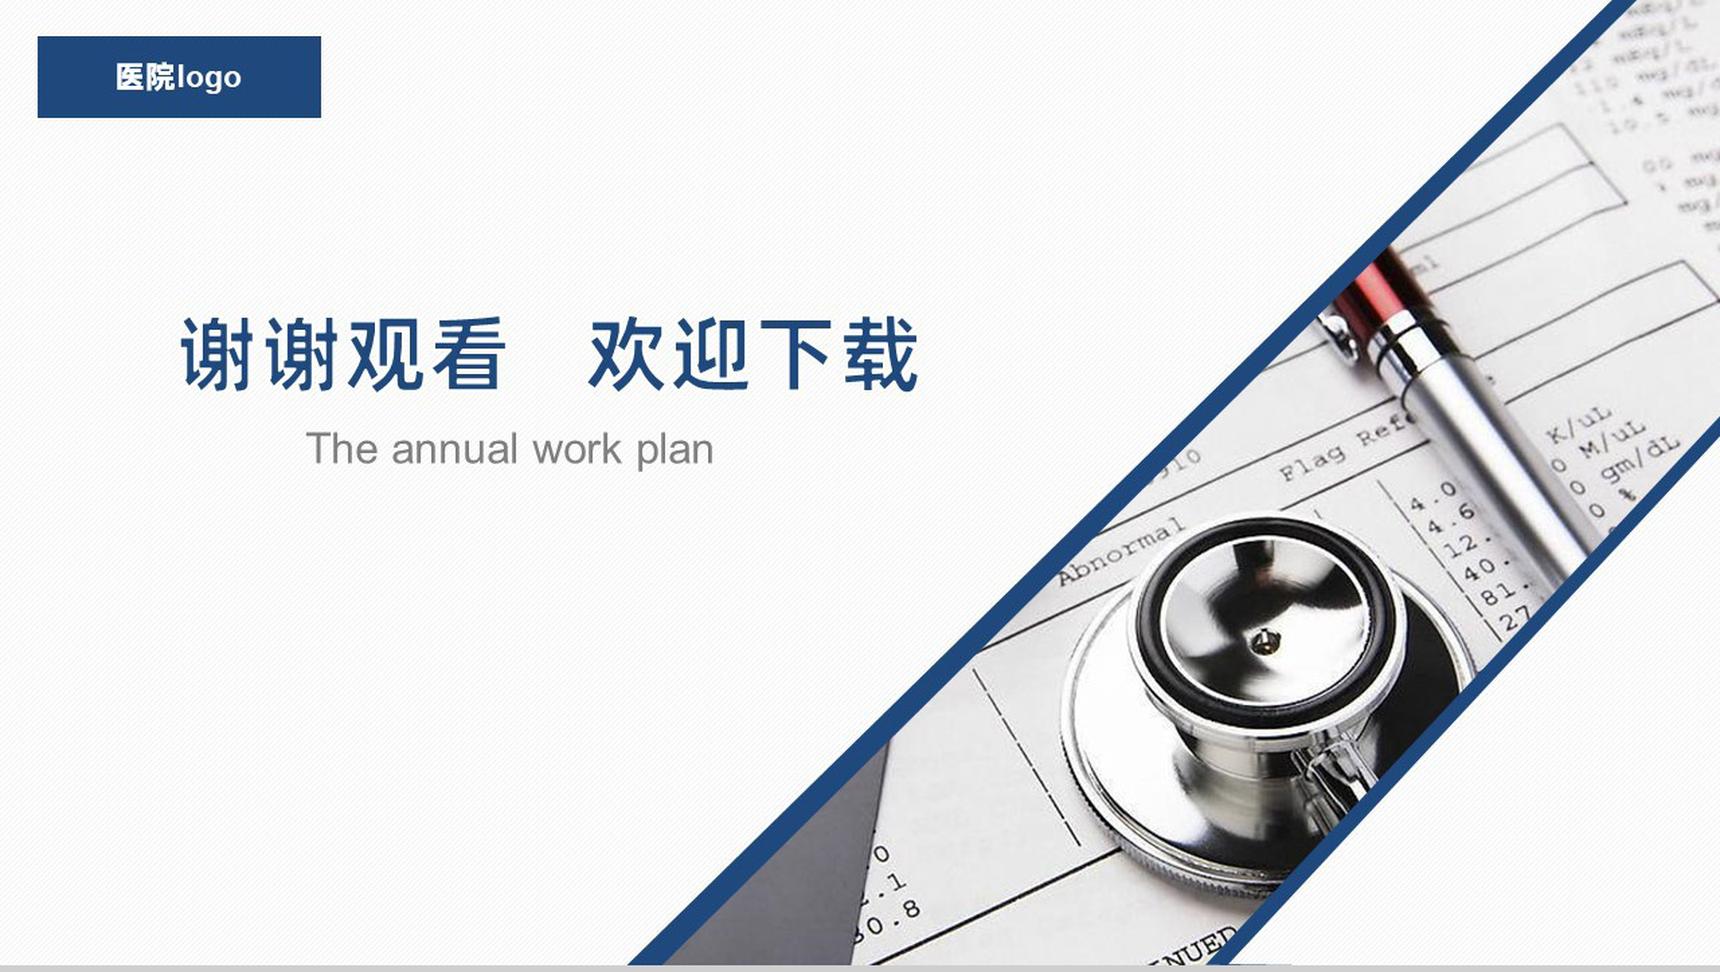 简约医疗行业报告通用PPT模板